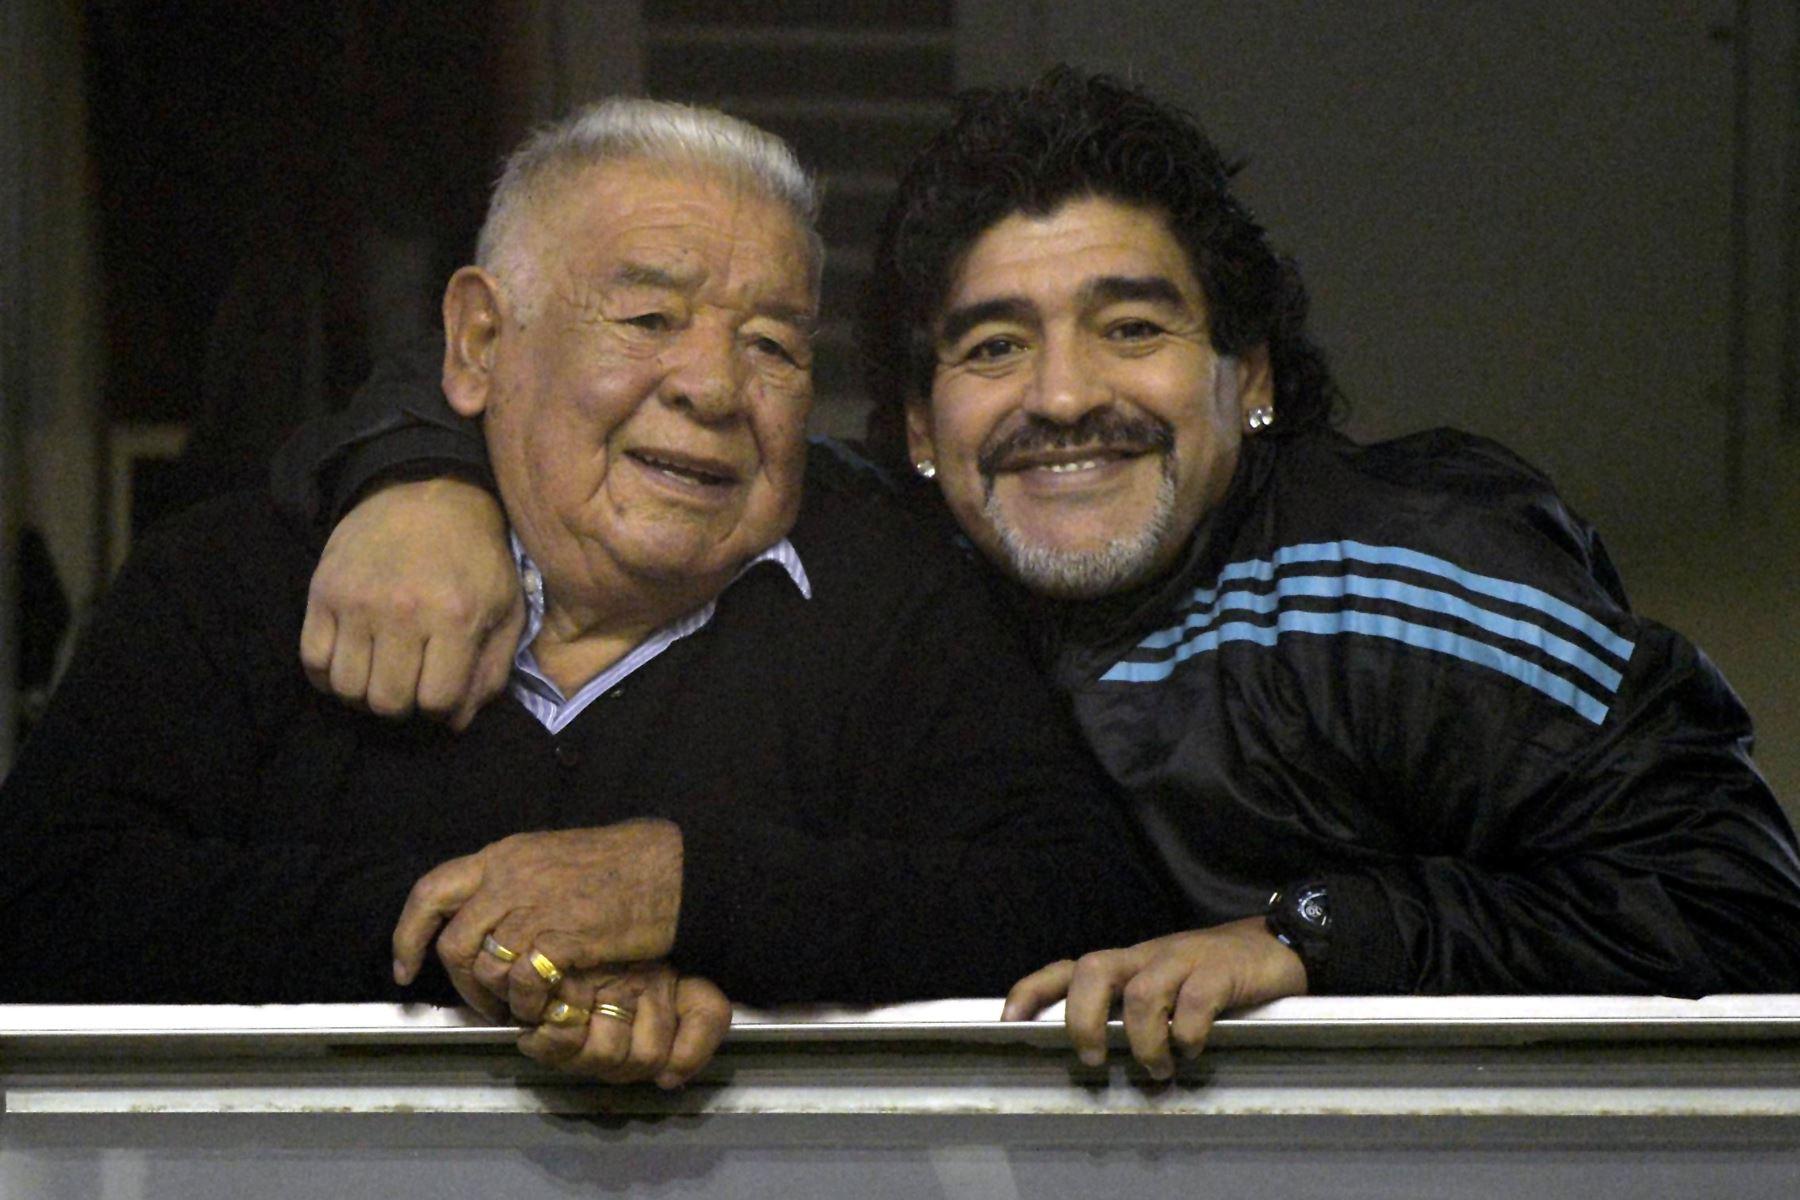 """En esta foto de archivo tomada el 14 de junio de 2012, el ex futbolista argentino, Diego Maradona, abraza a su padre """"Don Diego"""" antes del inicio del partido de ida de semifinales de la Copa Libertadores 2012 entre Boca Juniors y Universidad de Chile, en el estadio """"La Bombonera"""" de Buenos Aires. Foto: AFP"""